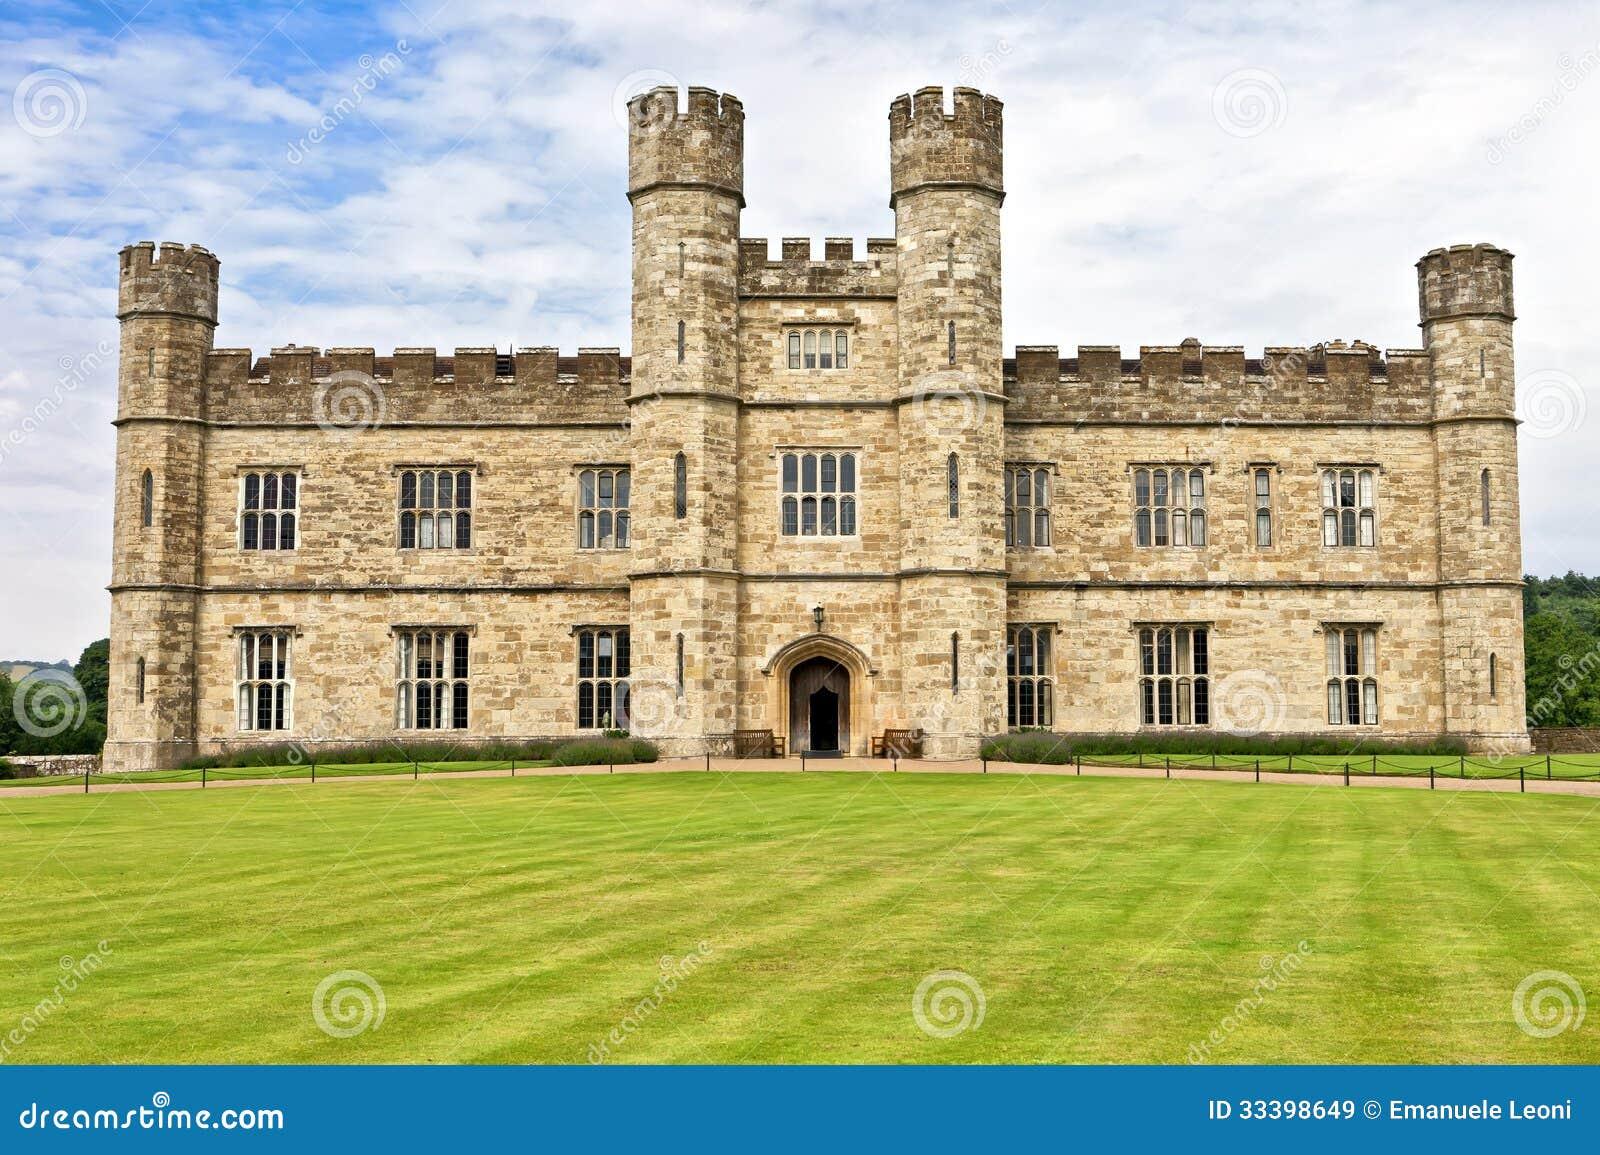 Castello medievale di leeds in prestato in l 39 inghilterra for Piani di casa castello medievale